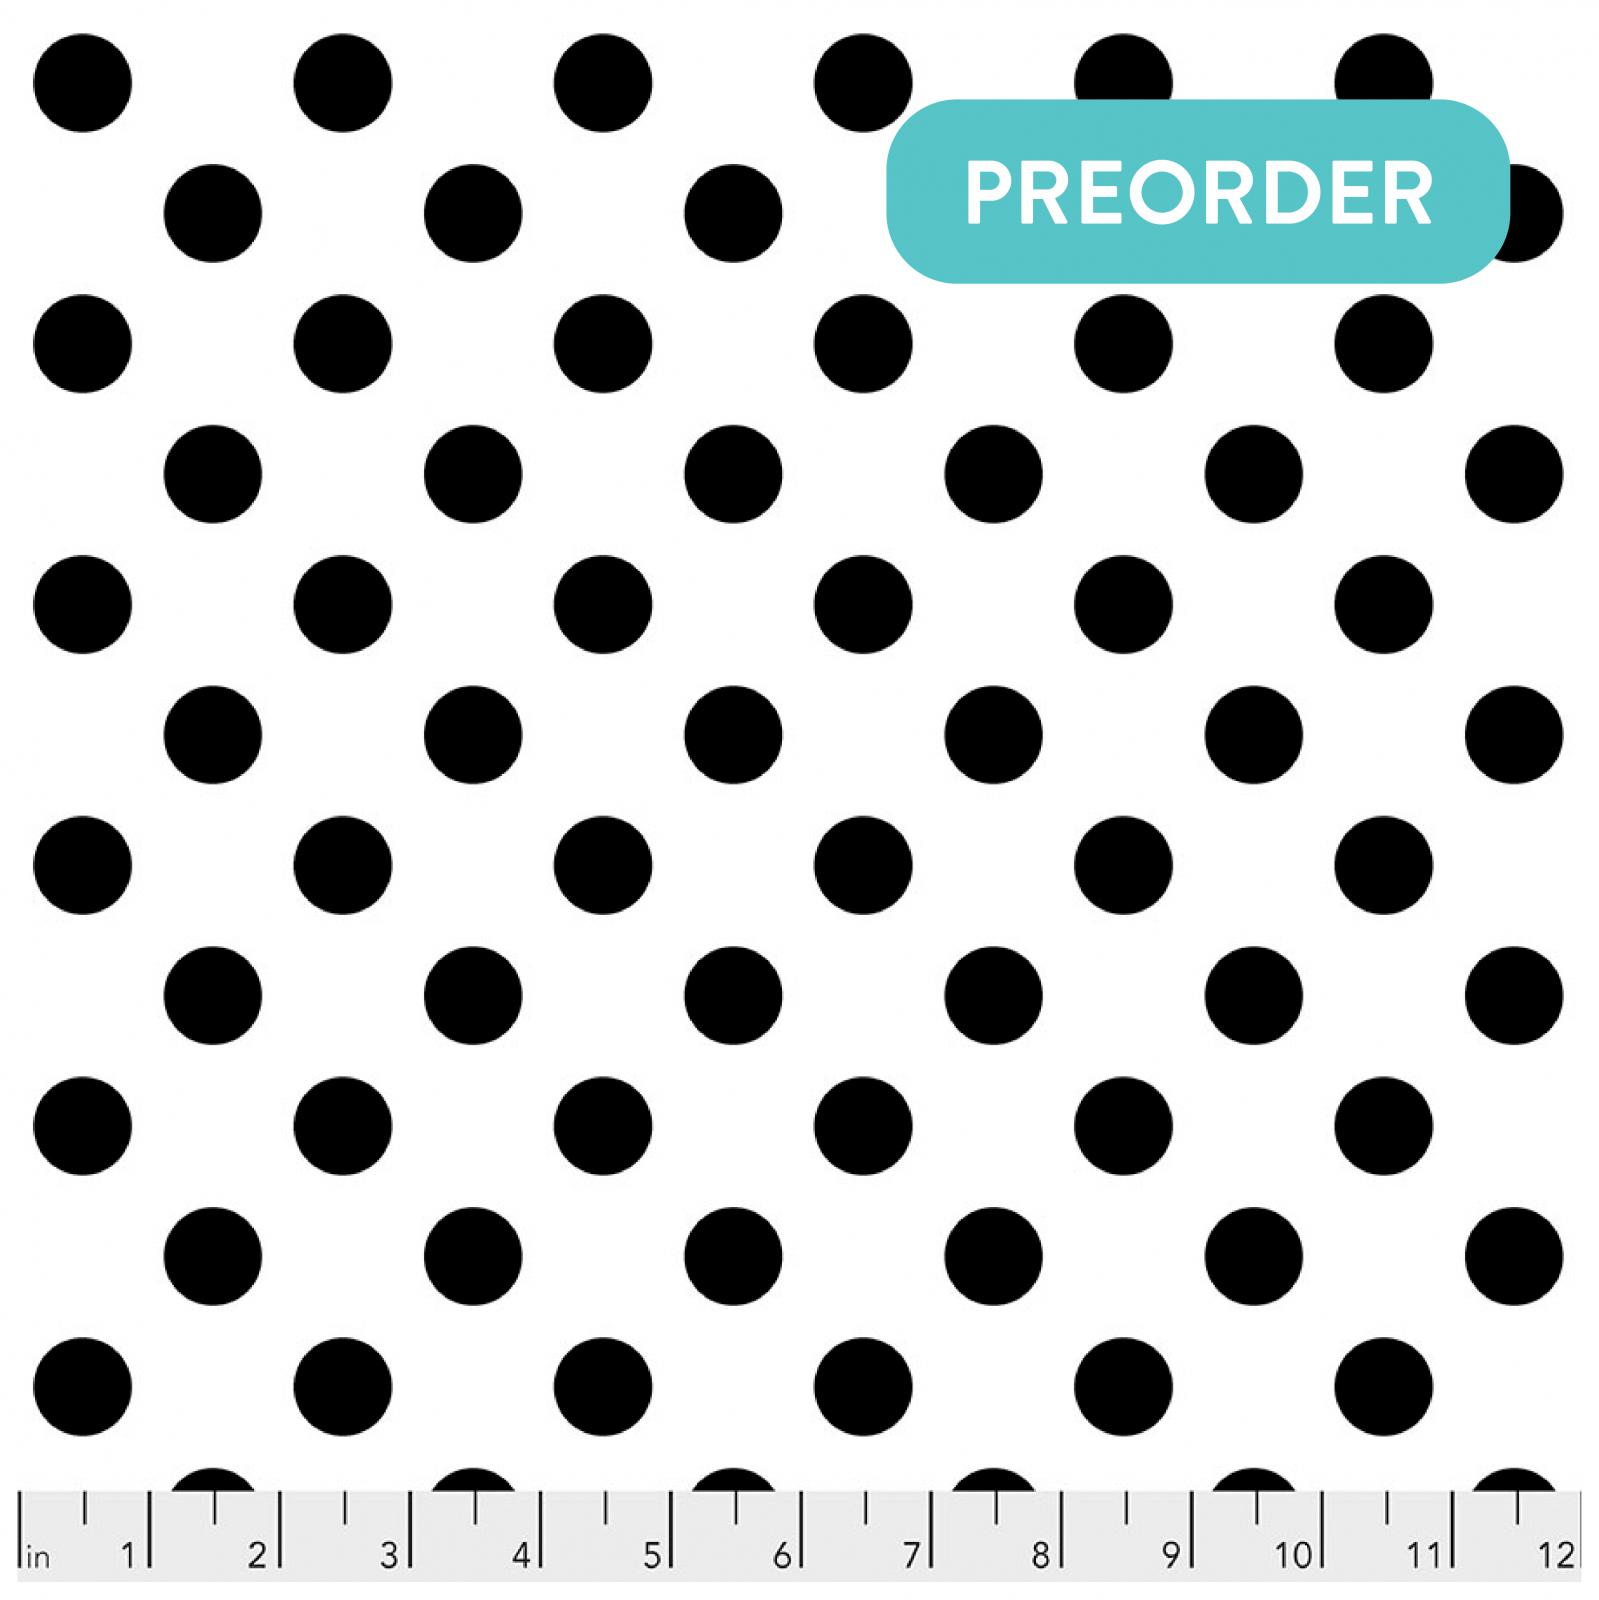 PREORDER Linework | Pom Poms in Paper